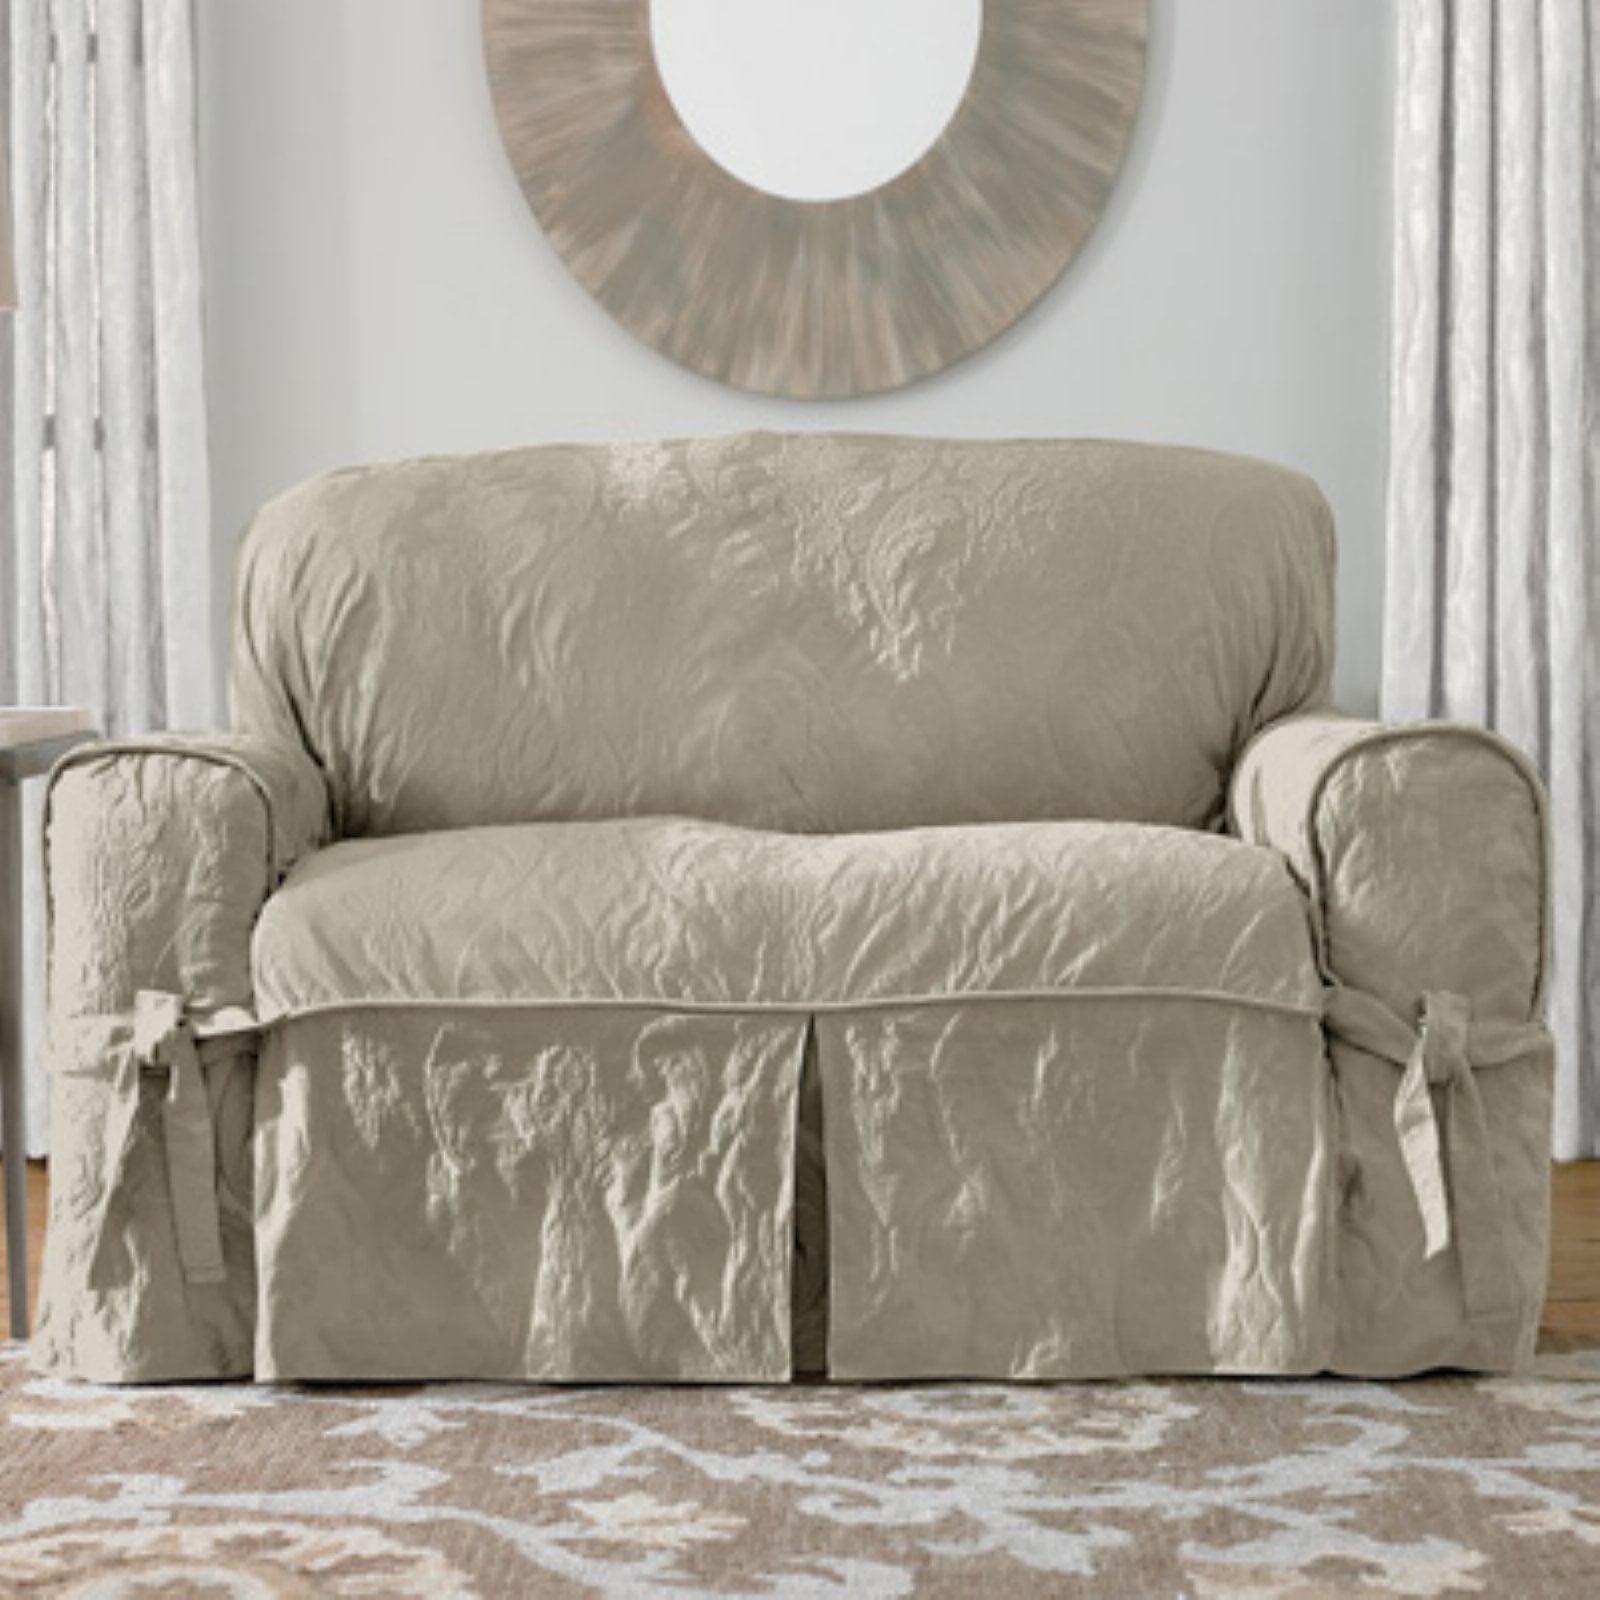 Sure Fit Matelasse Damask Sofa Cover Walmart